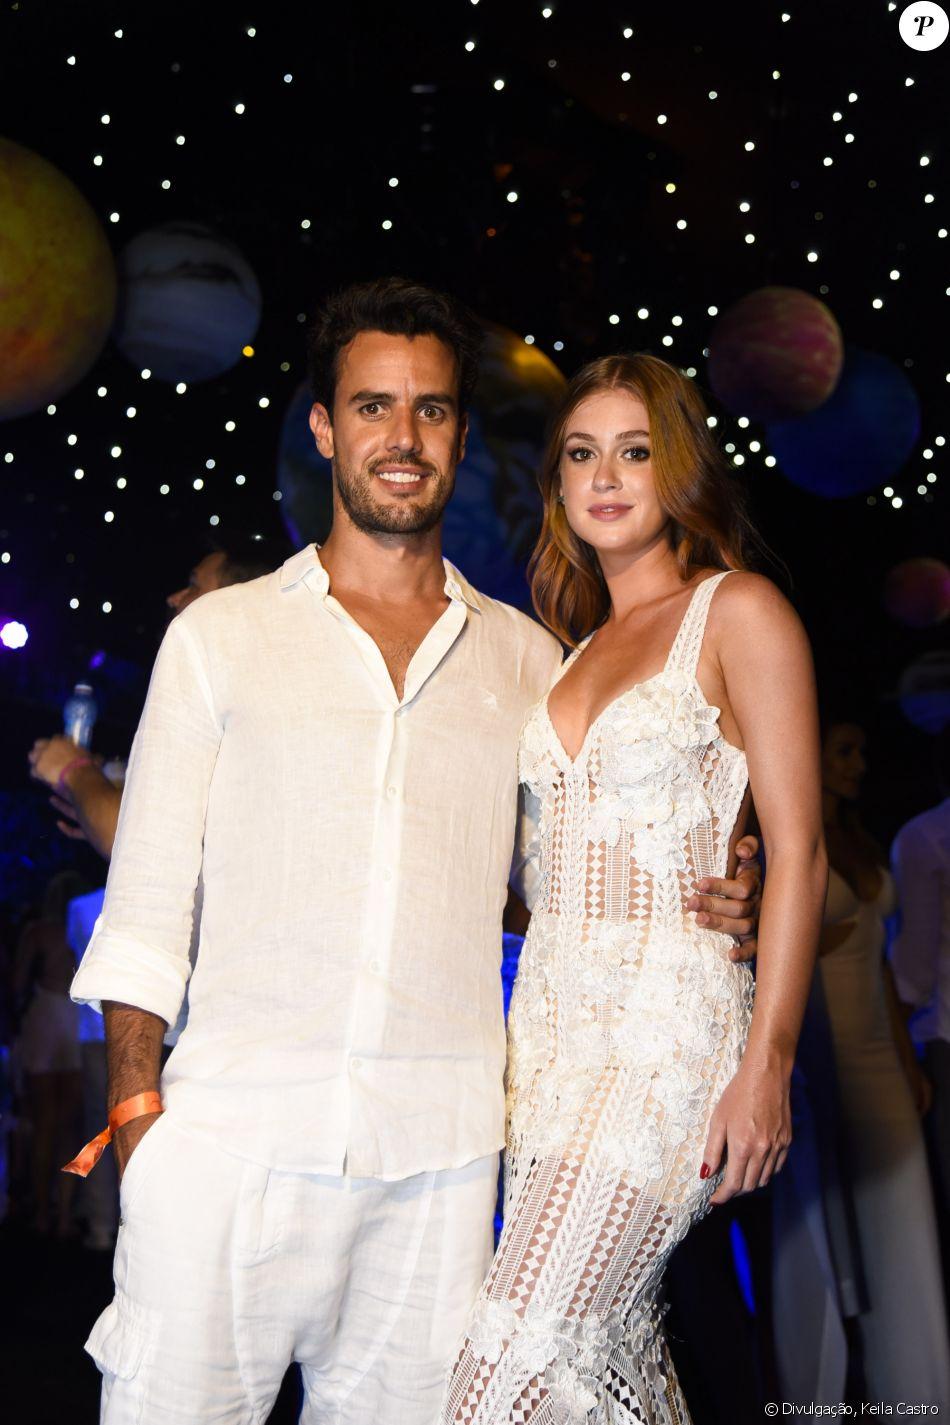 Marina Ruy Barbosa usará vestido exclusivo da grife Dolce & Gabbana no seu casamento com Xandinho Negrão, no dia 7 de outubro de 2017